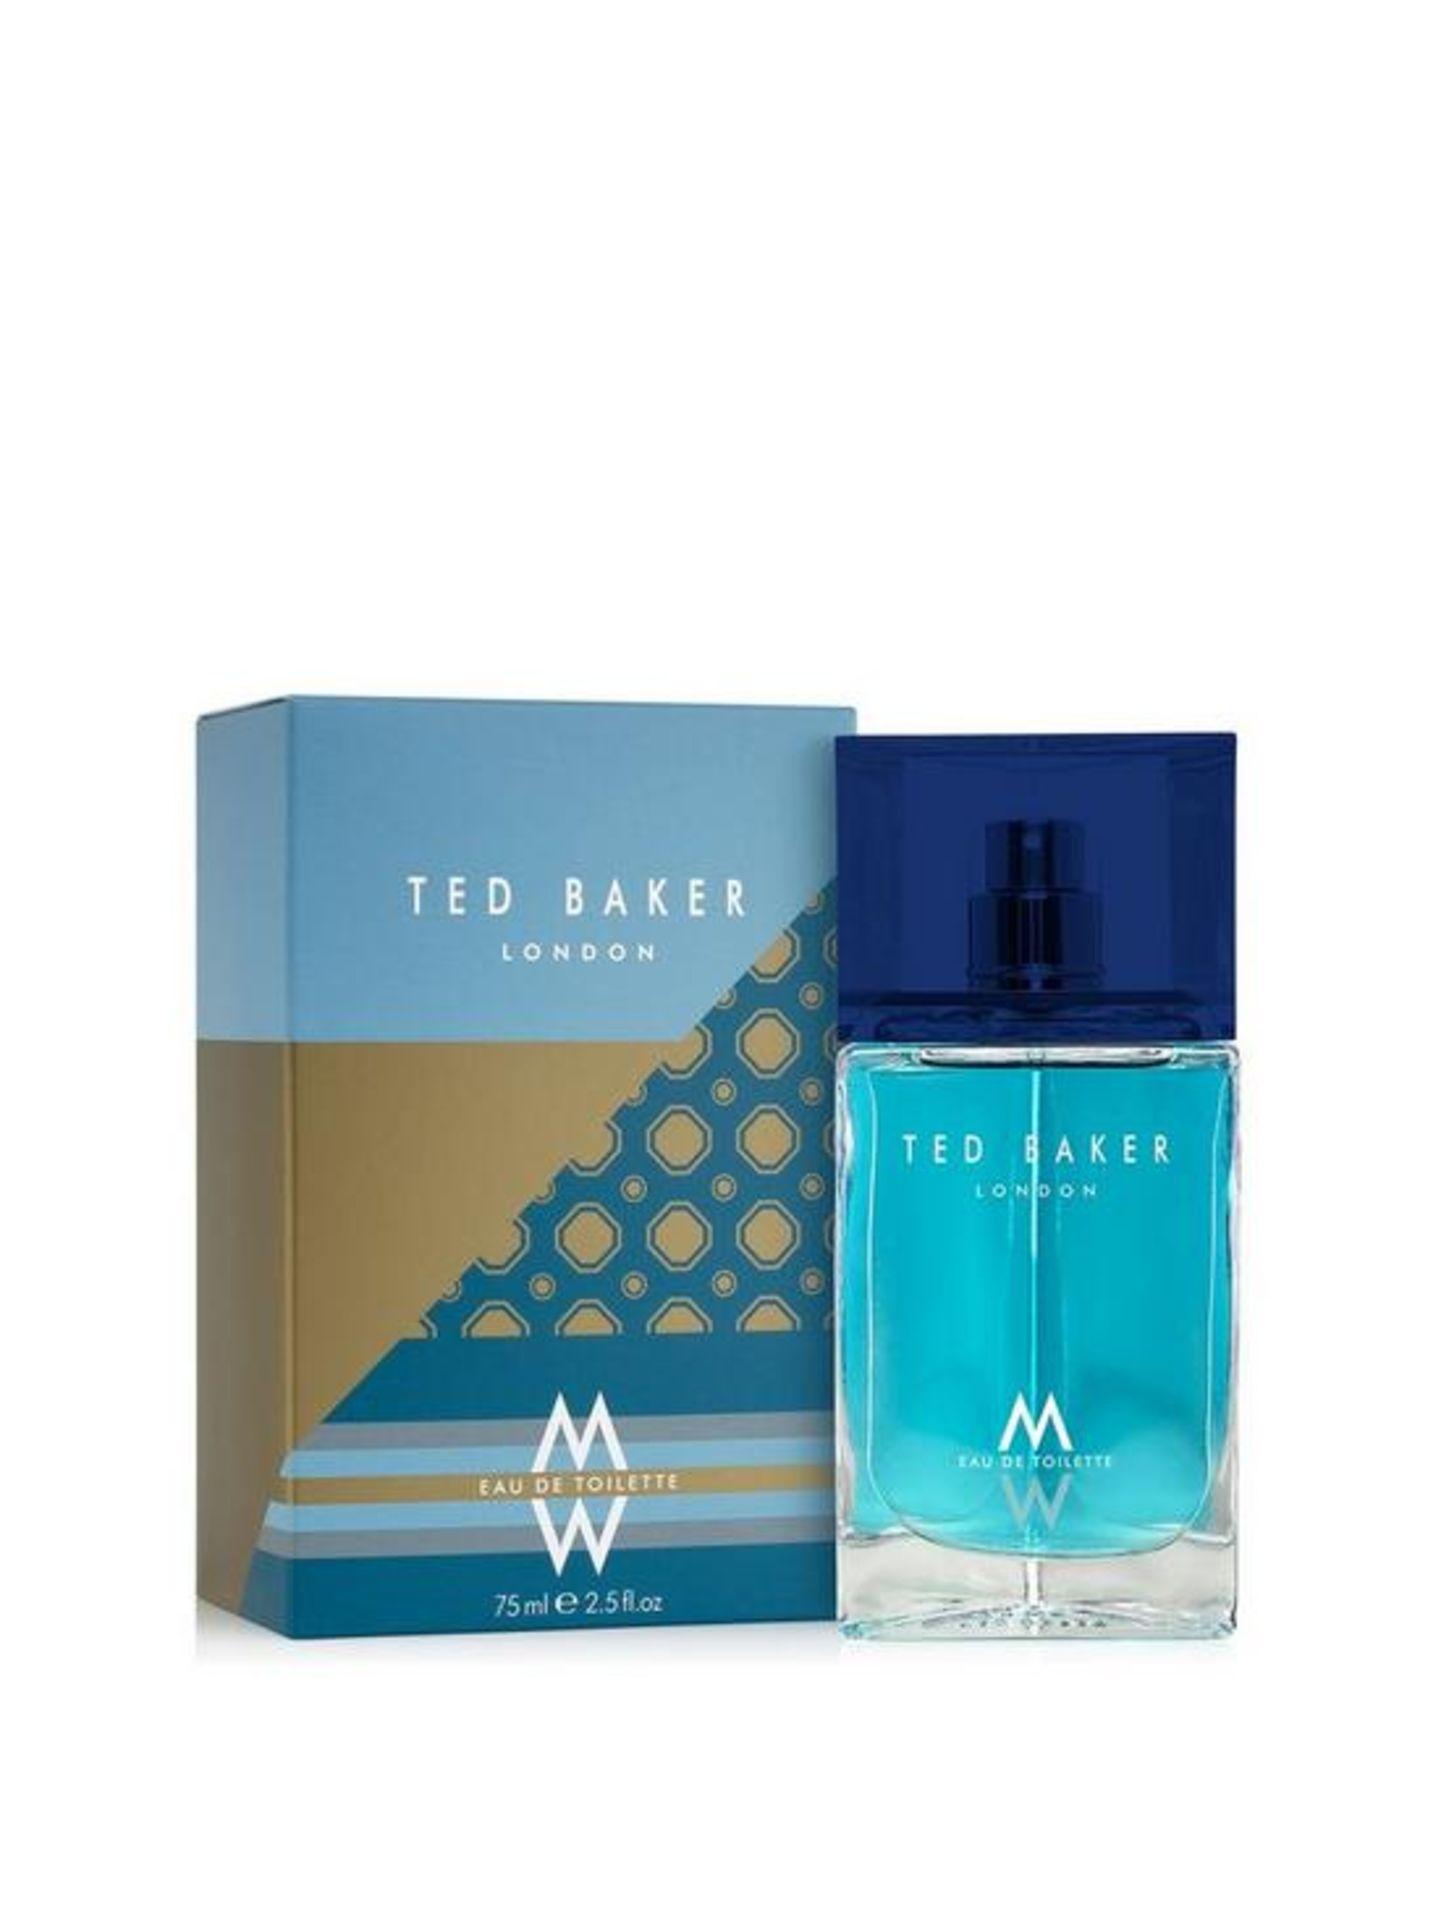 Lot 51604 - V Brand New Ted Baker M Eau De Toilette 75ml